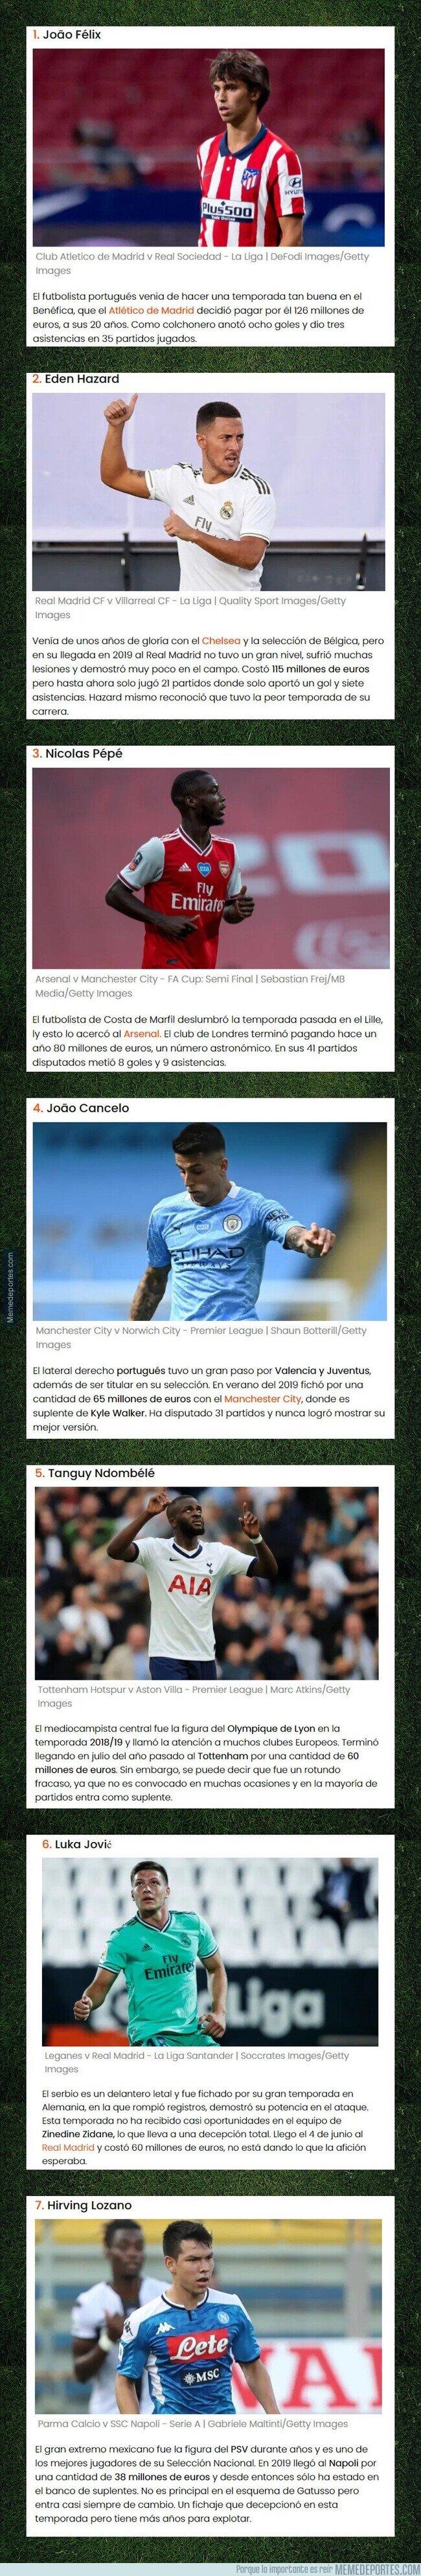 1110651 - Los 7 fichajes 'estelares' que más decepcionaron a sus clubes en la temporada 2019/2020